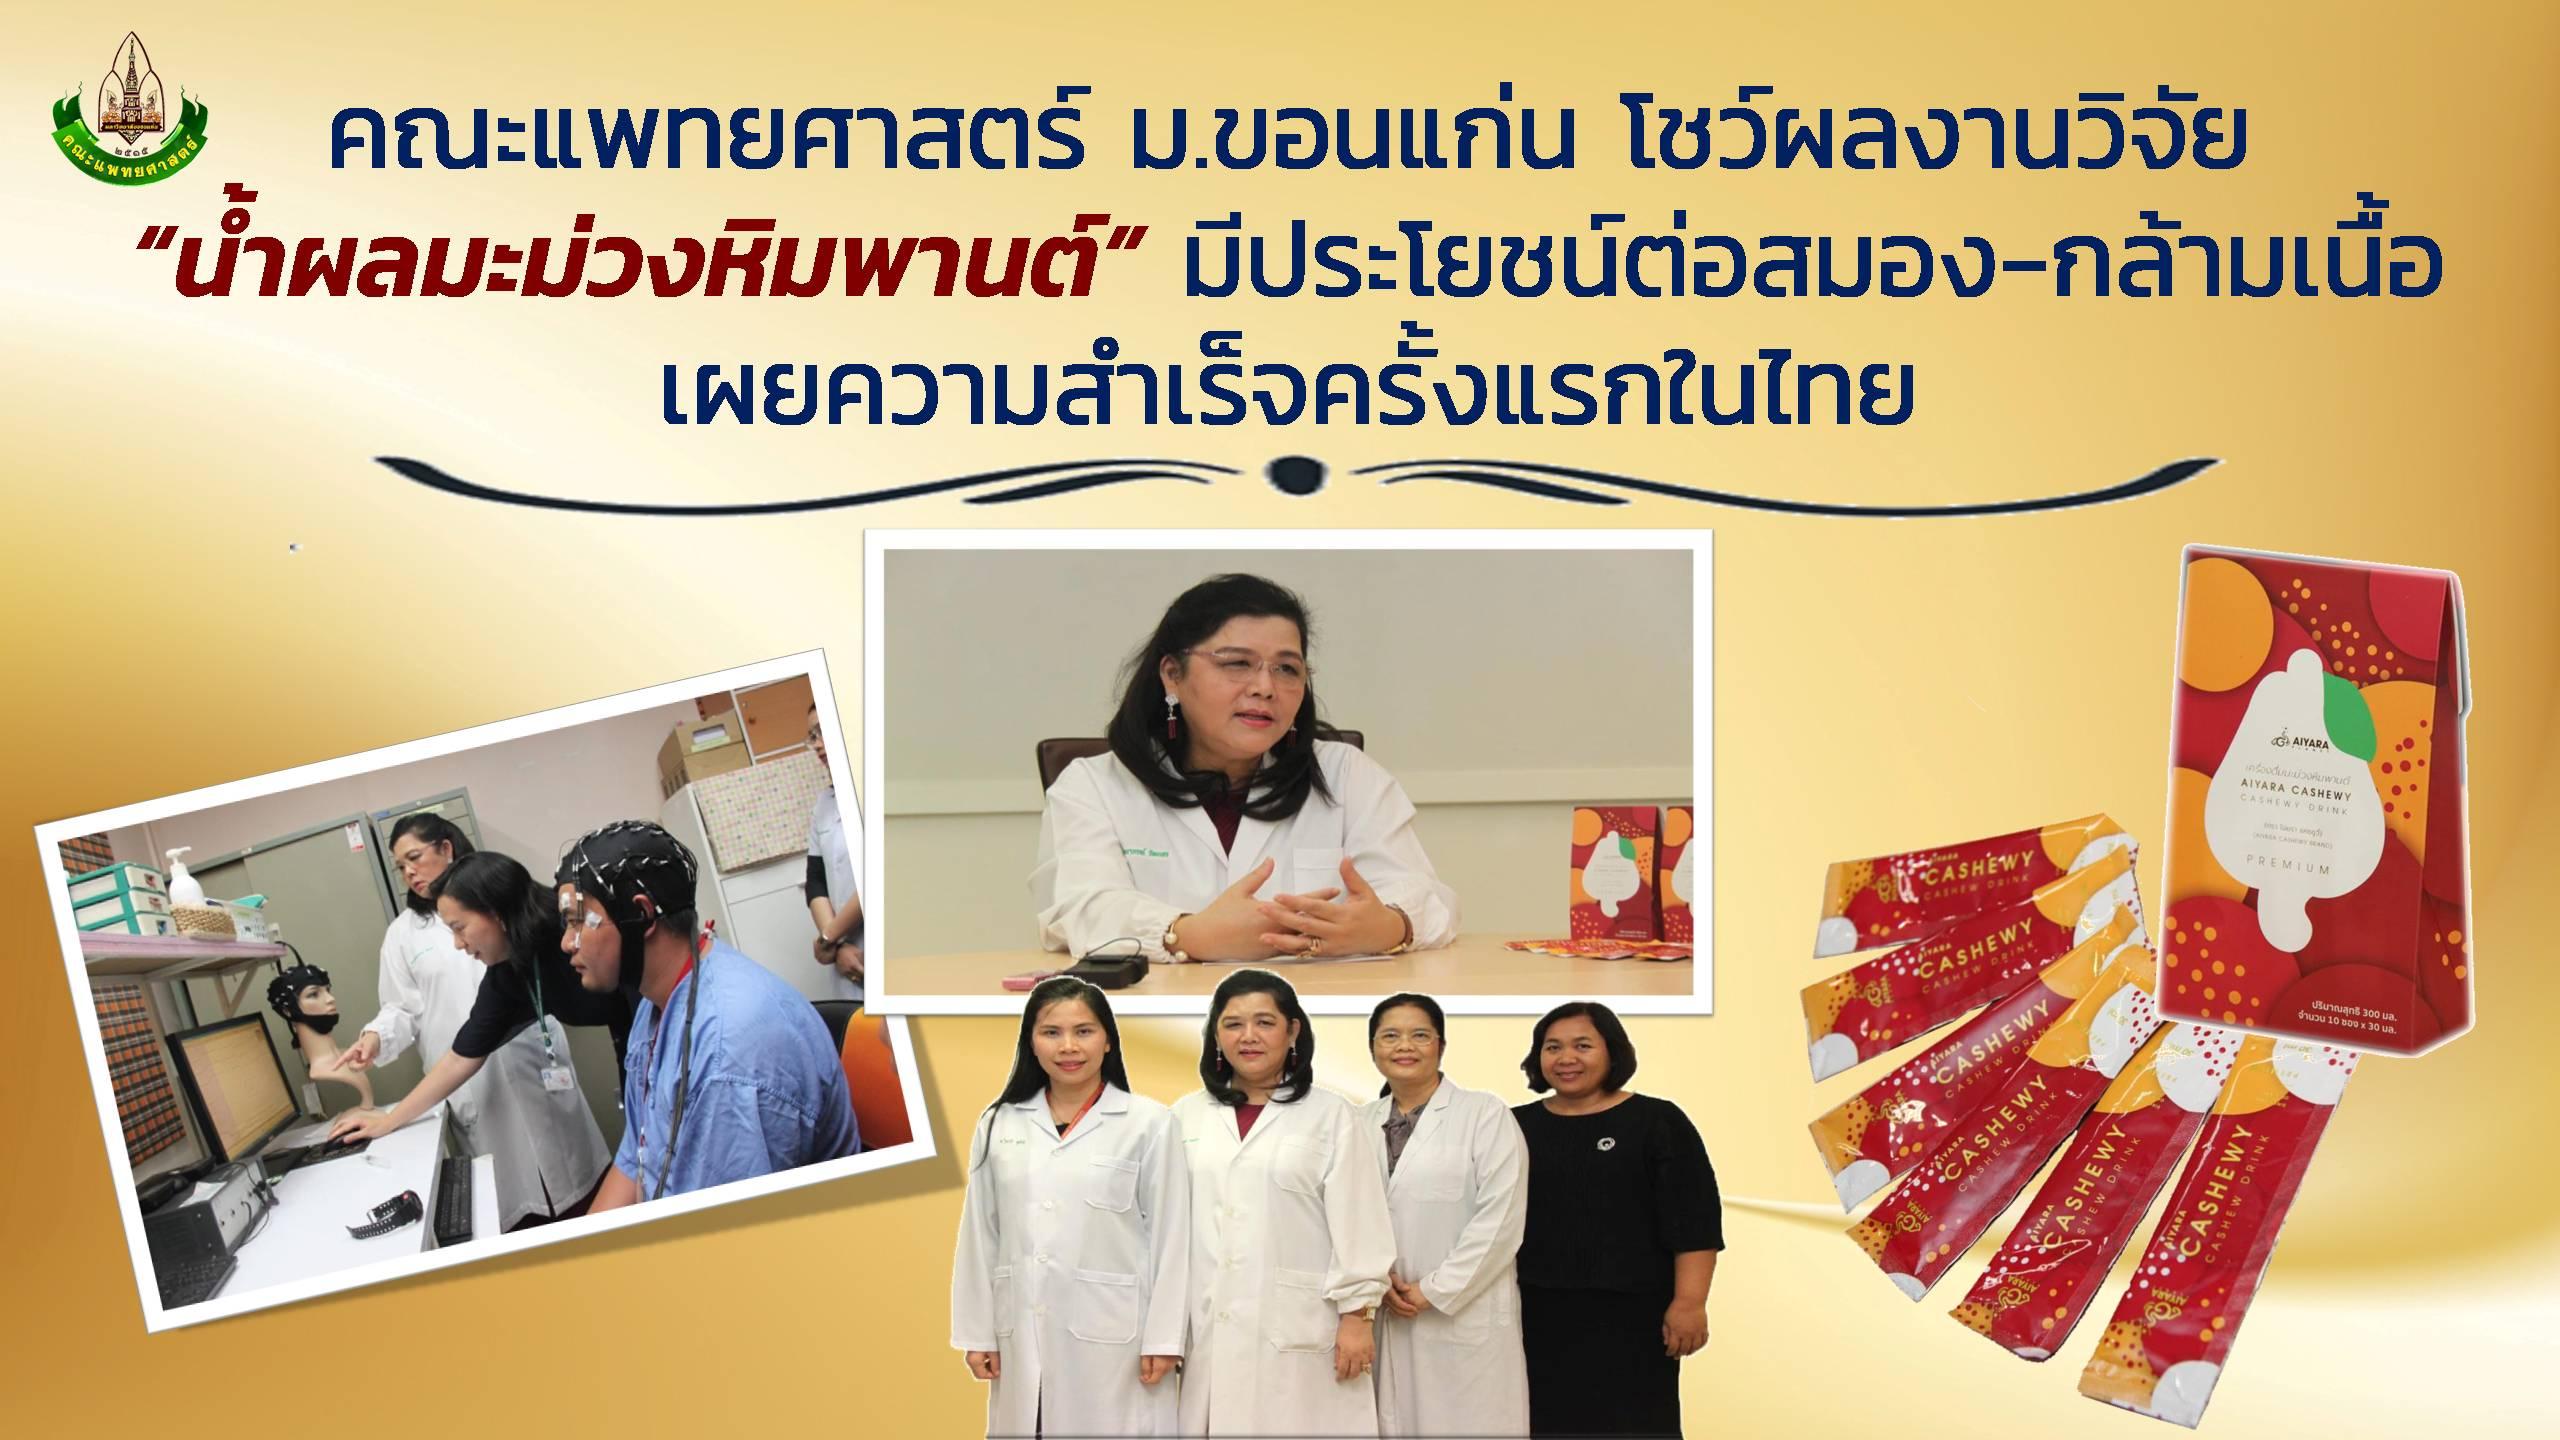 """คณะแพทยศาสตร์ ม.ขอนแก่น โชว์ผลงานวิจัย """"น้ำผลมะม่วงหิมพานต์"""" มีประโยชน์ต่อสมอง-กล้ามเนื้อ เผยความสำเร็จครั้งแรกในไทย"""